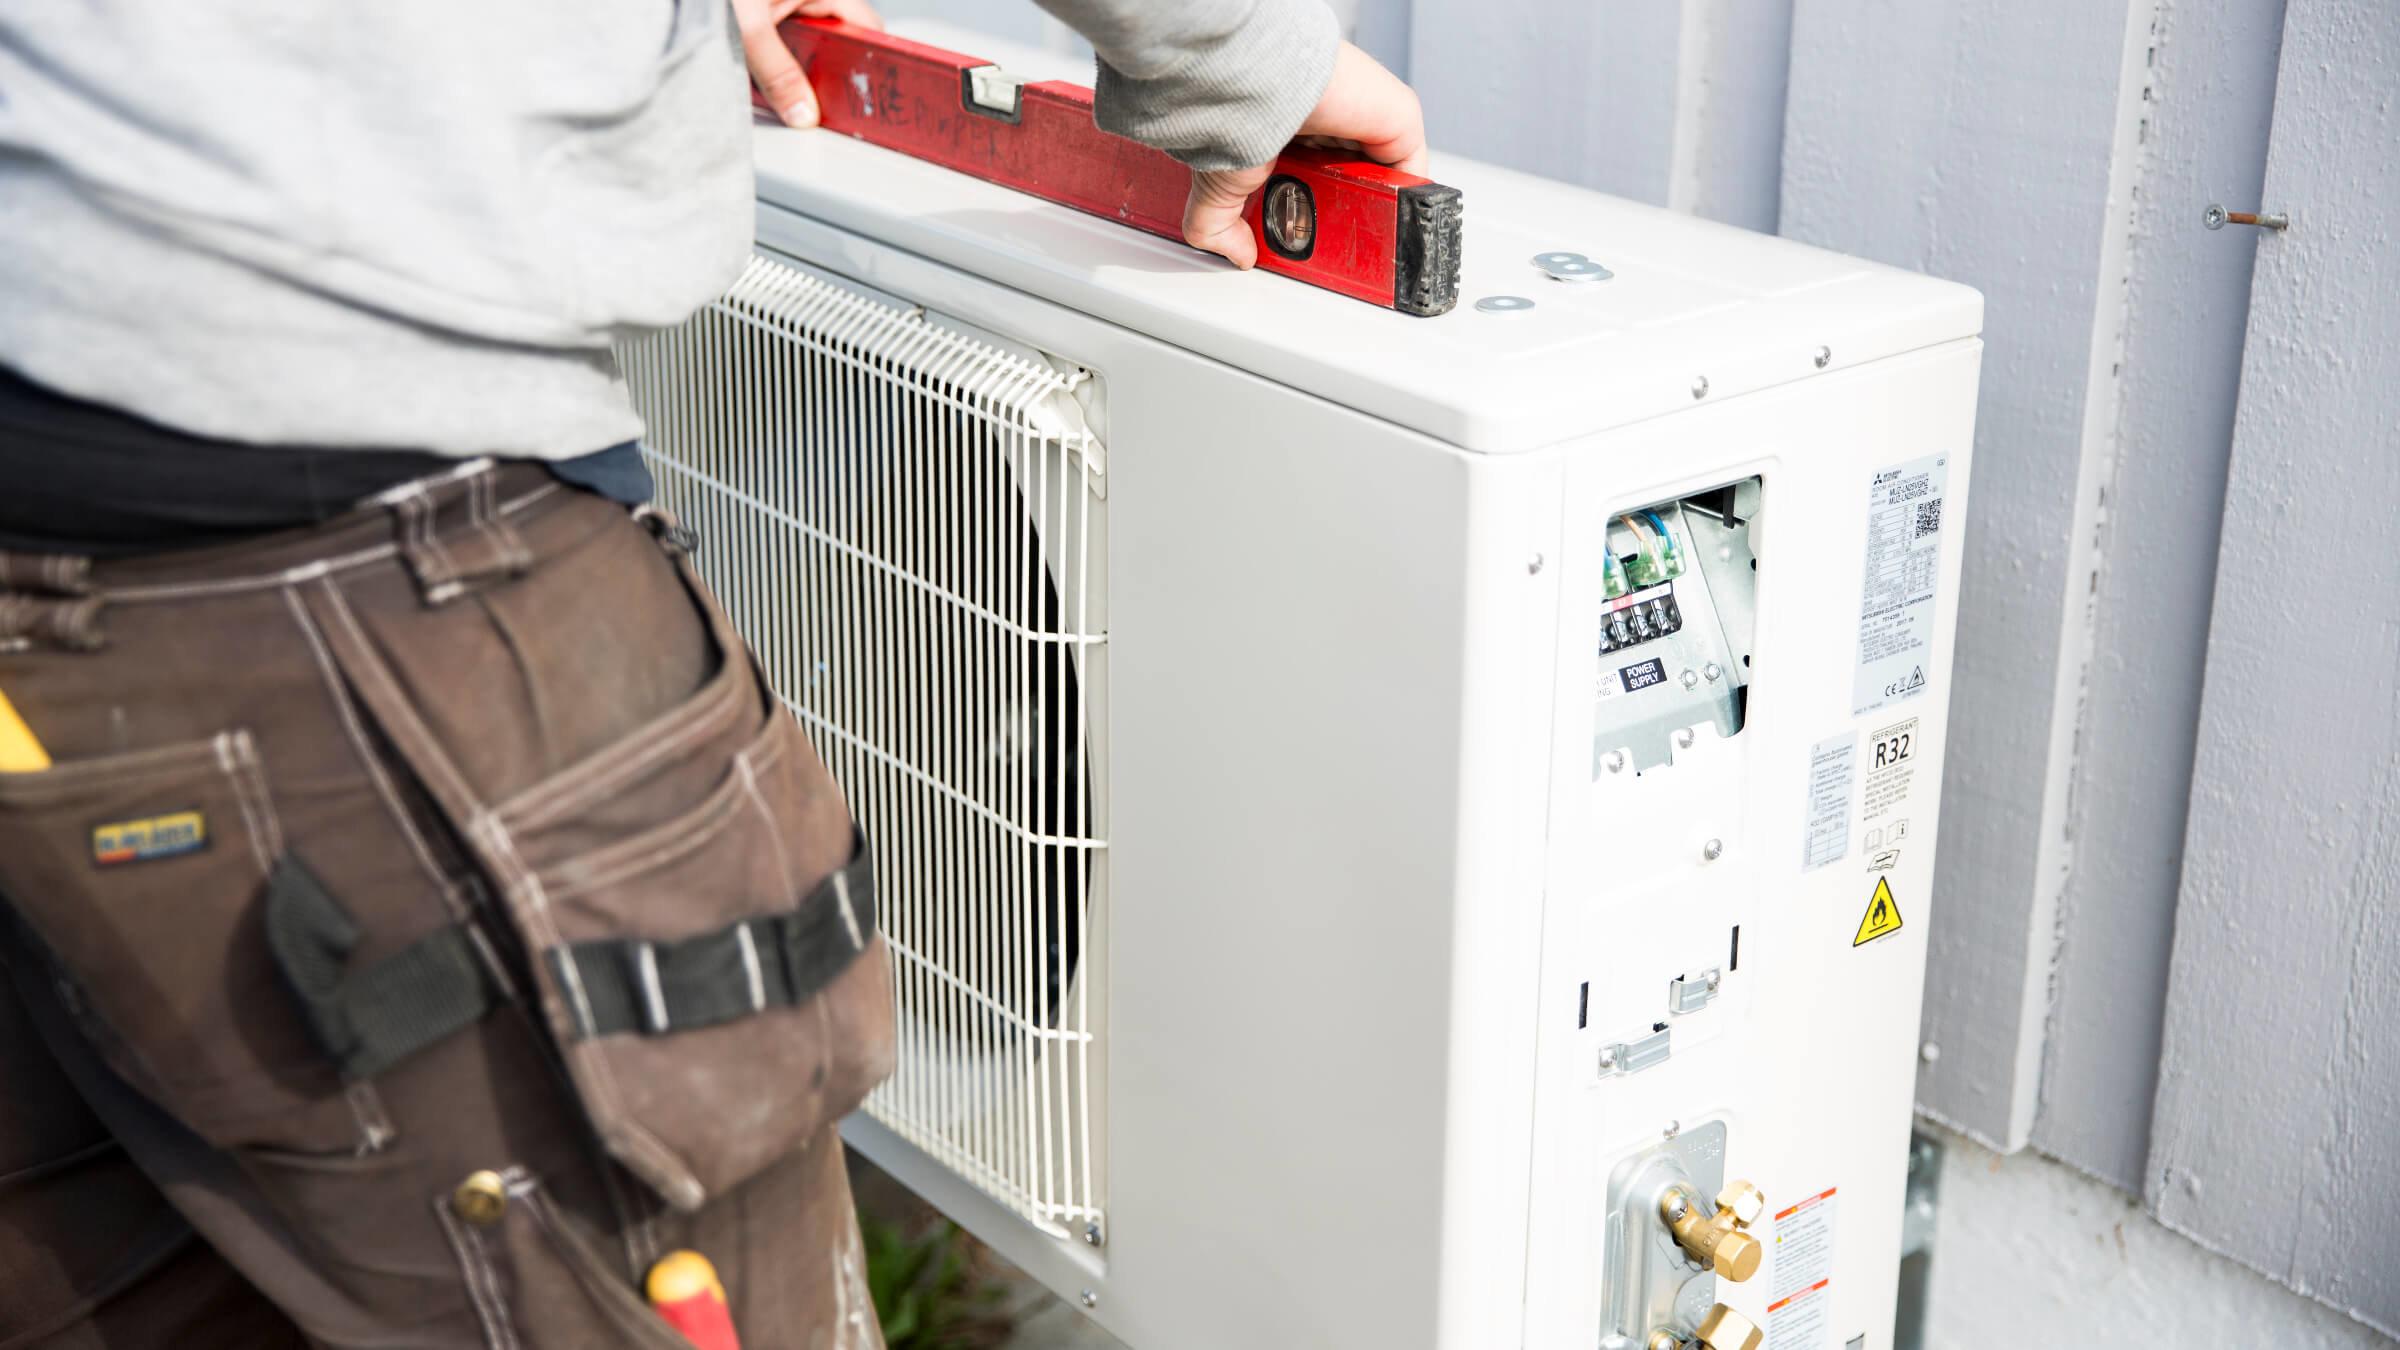 installere varmepumpe pris